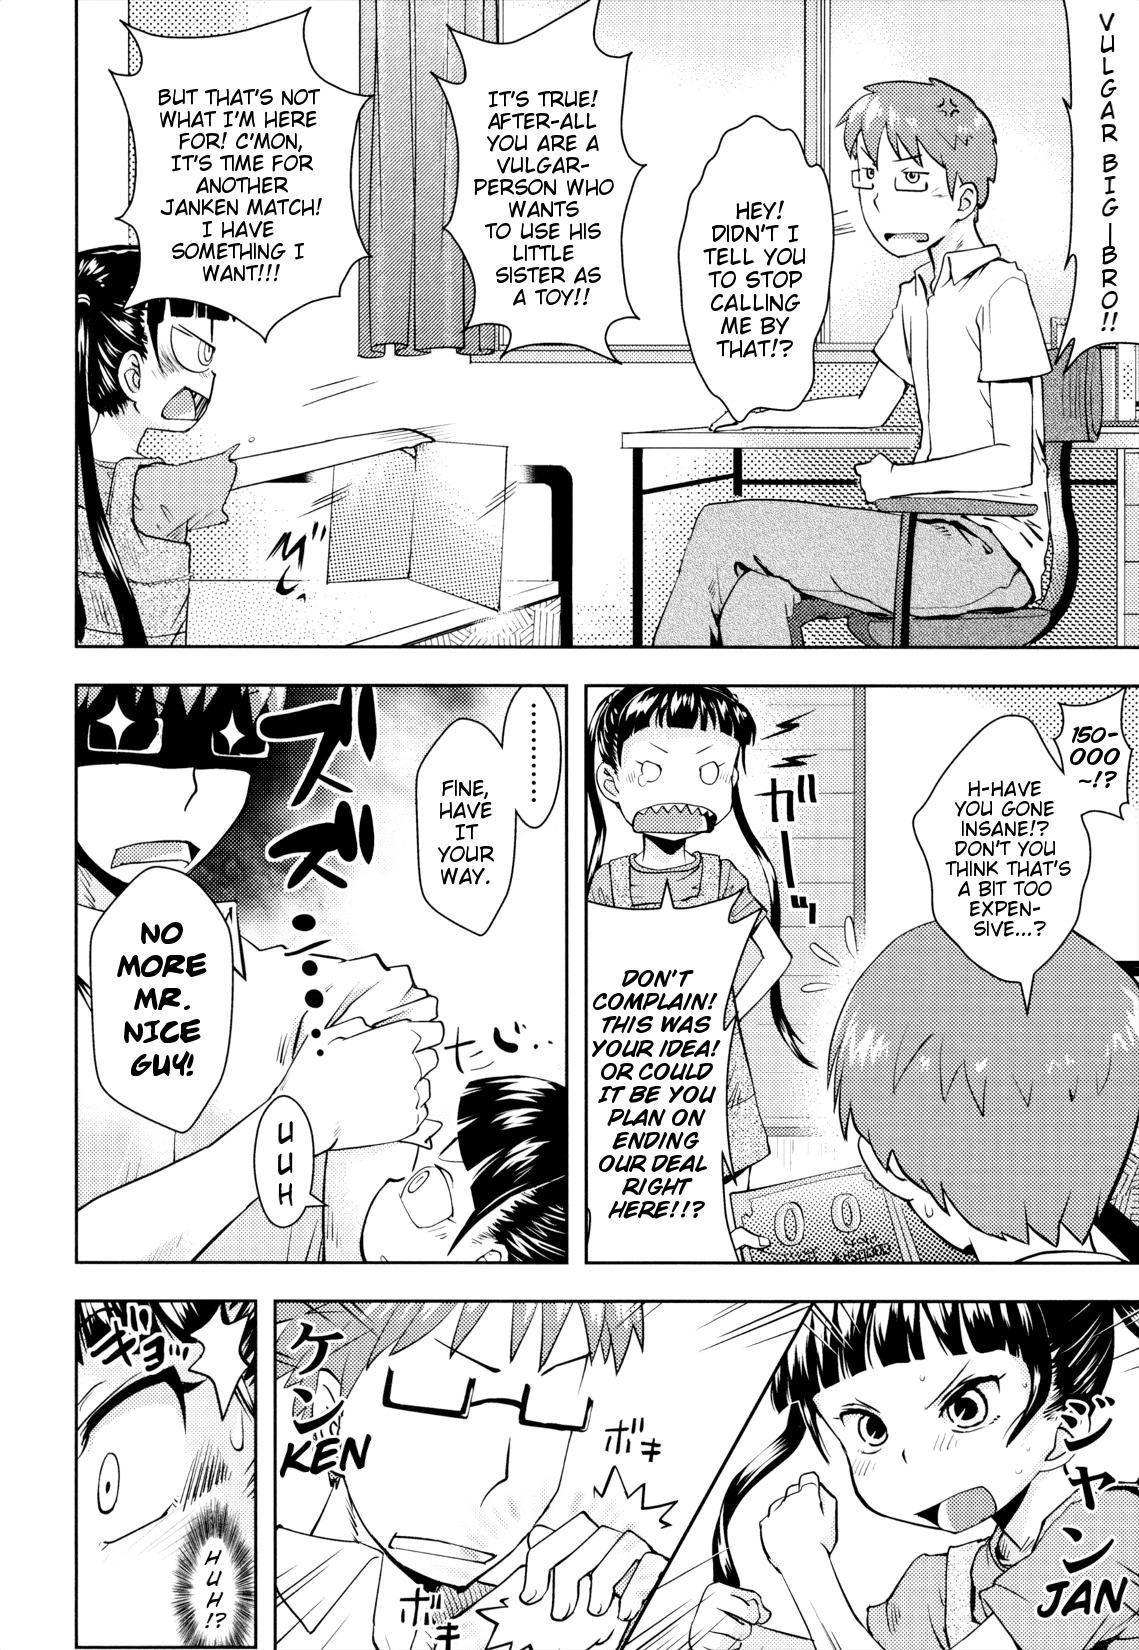 [Yam] Onii-chan no Suki ni Shite!? Ch. 1-6 [English] {Mistvern} 23